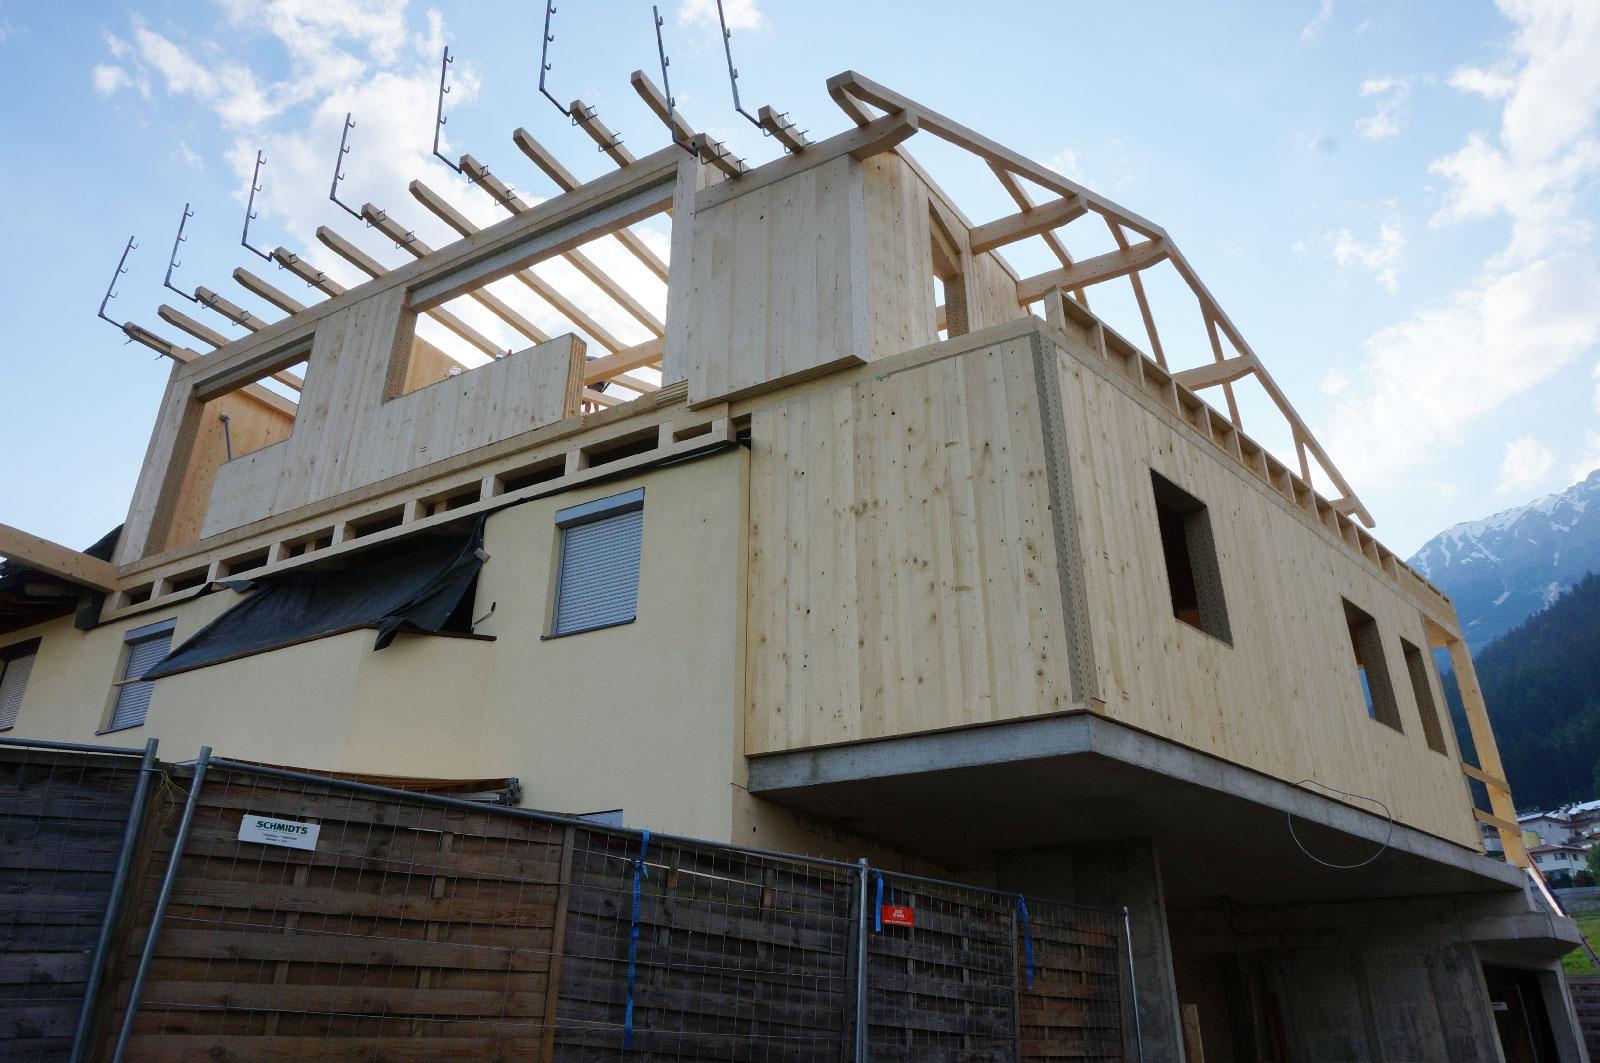 14-Zu-und-Umbau-Einfamilienhaus-mit-Vollholzwaenden-Holzbau-Zimmerei-Norz-20194.jpg